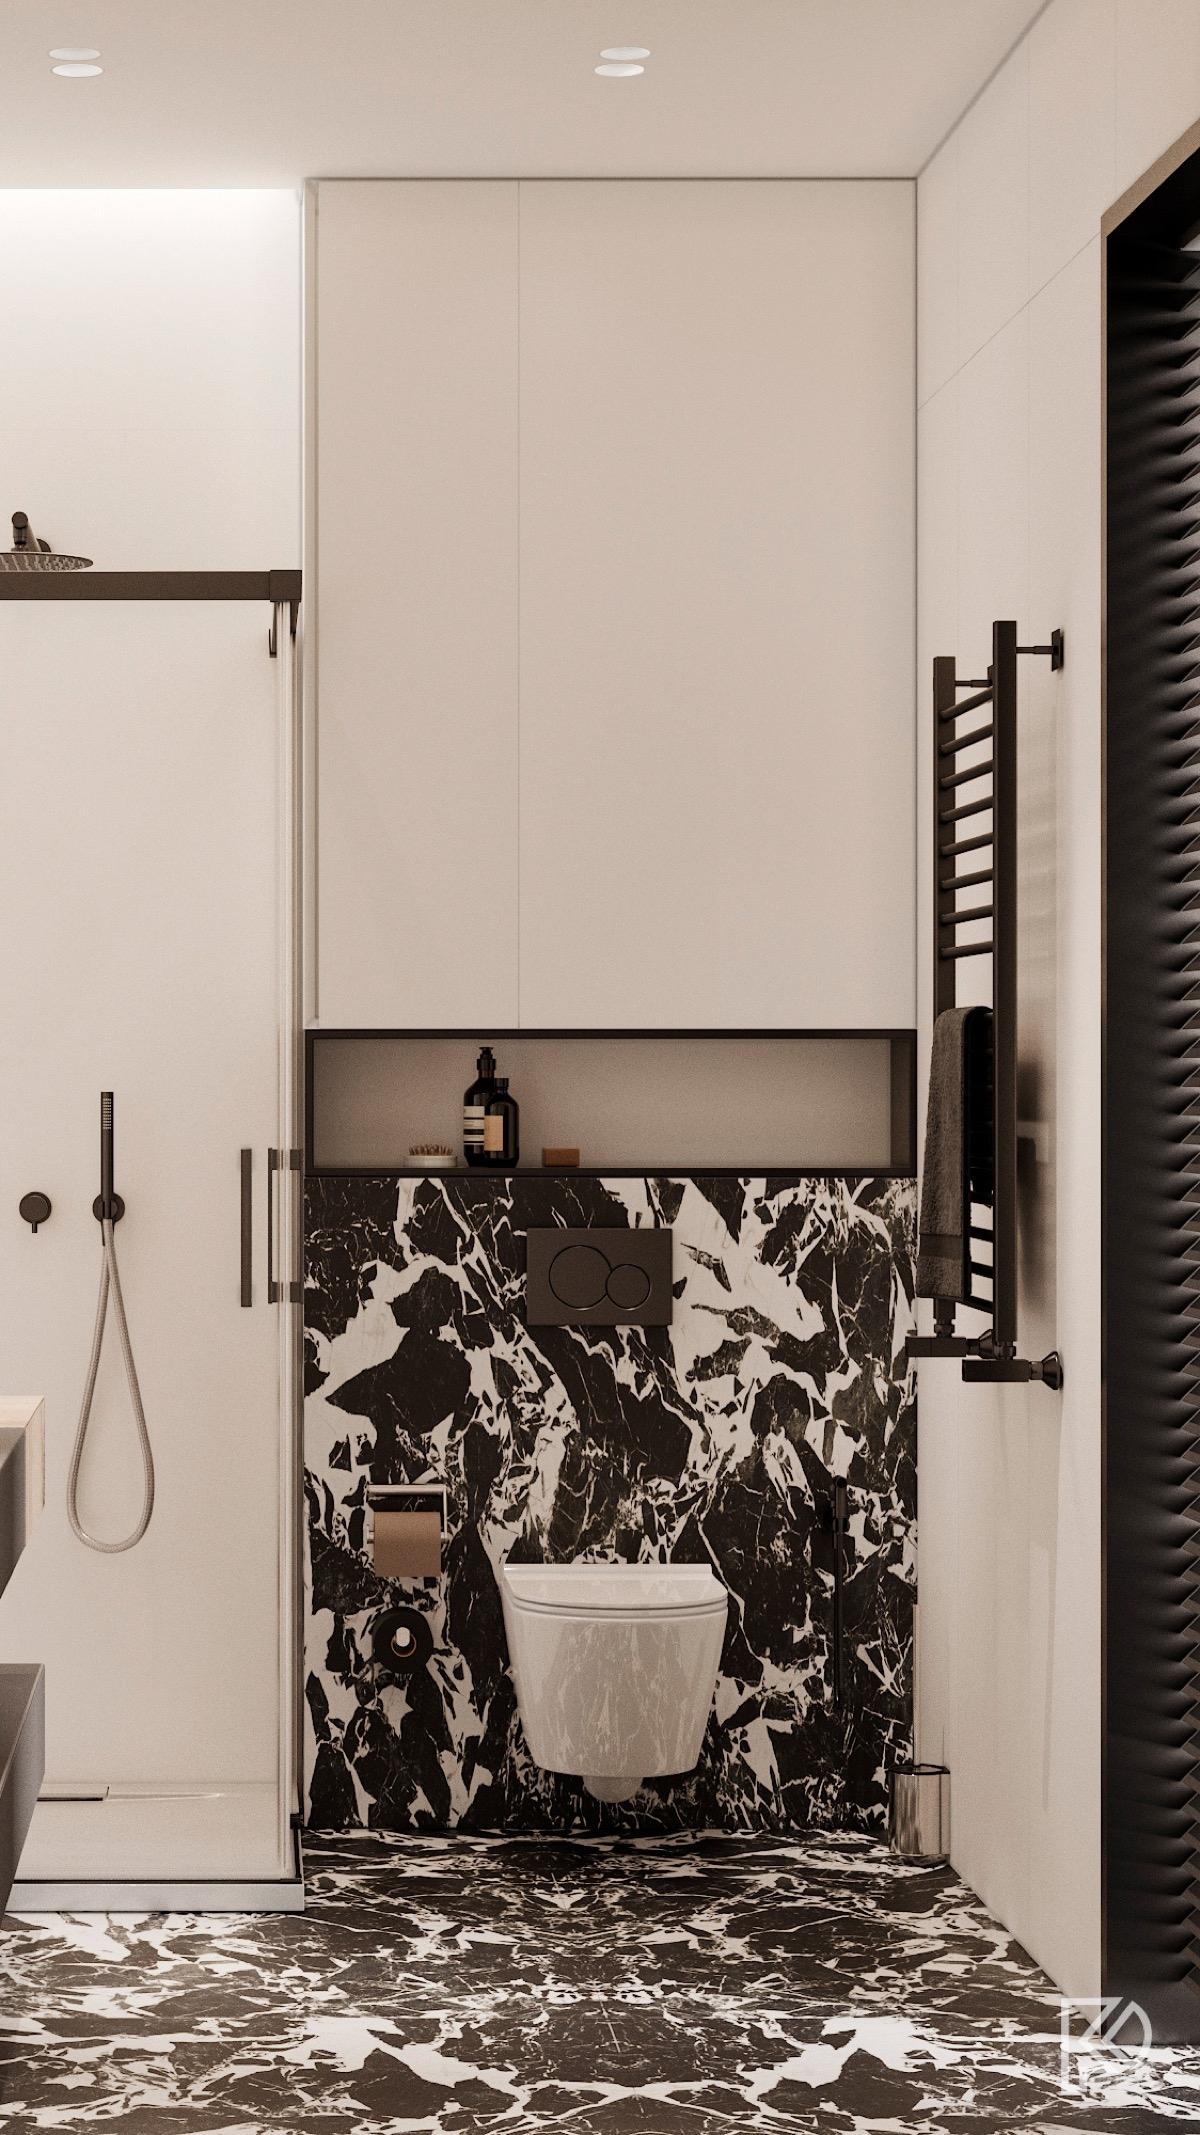 2 màu trắng đen làm nổi bật sự tương phản trong không gian tắm./.